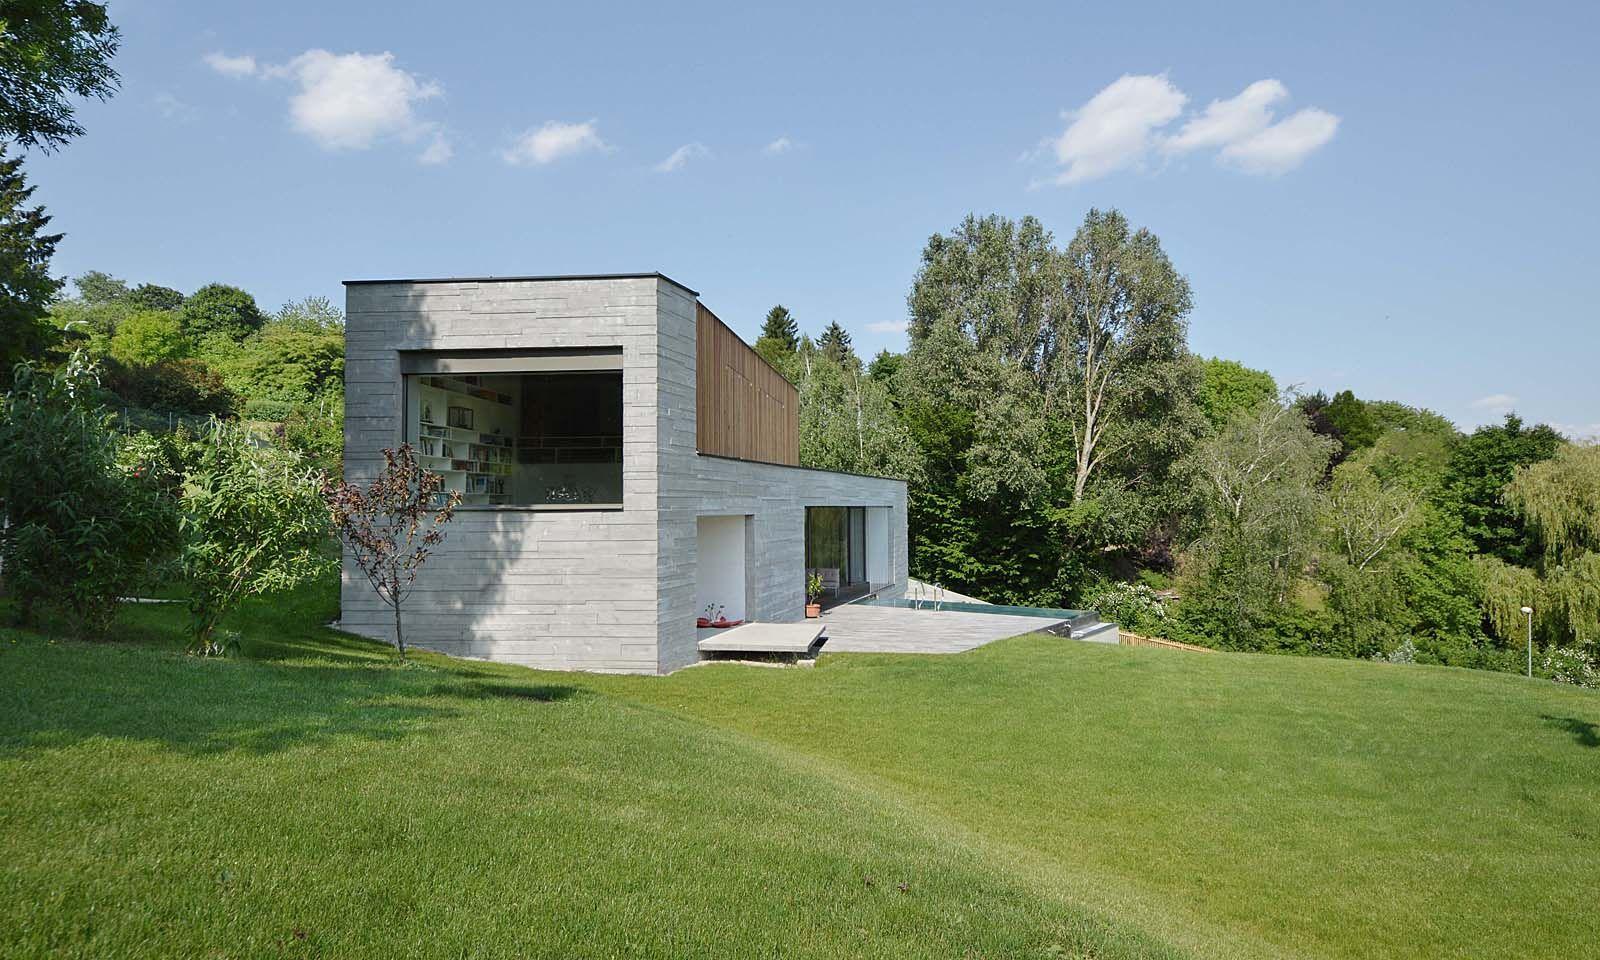 unten arbeiten oben wohnen immobilien. Black Bedroom Furniture Sets. Home Design Ideas